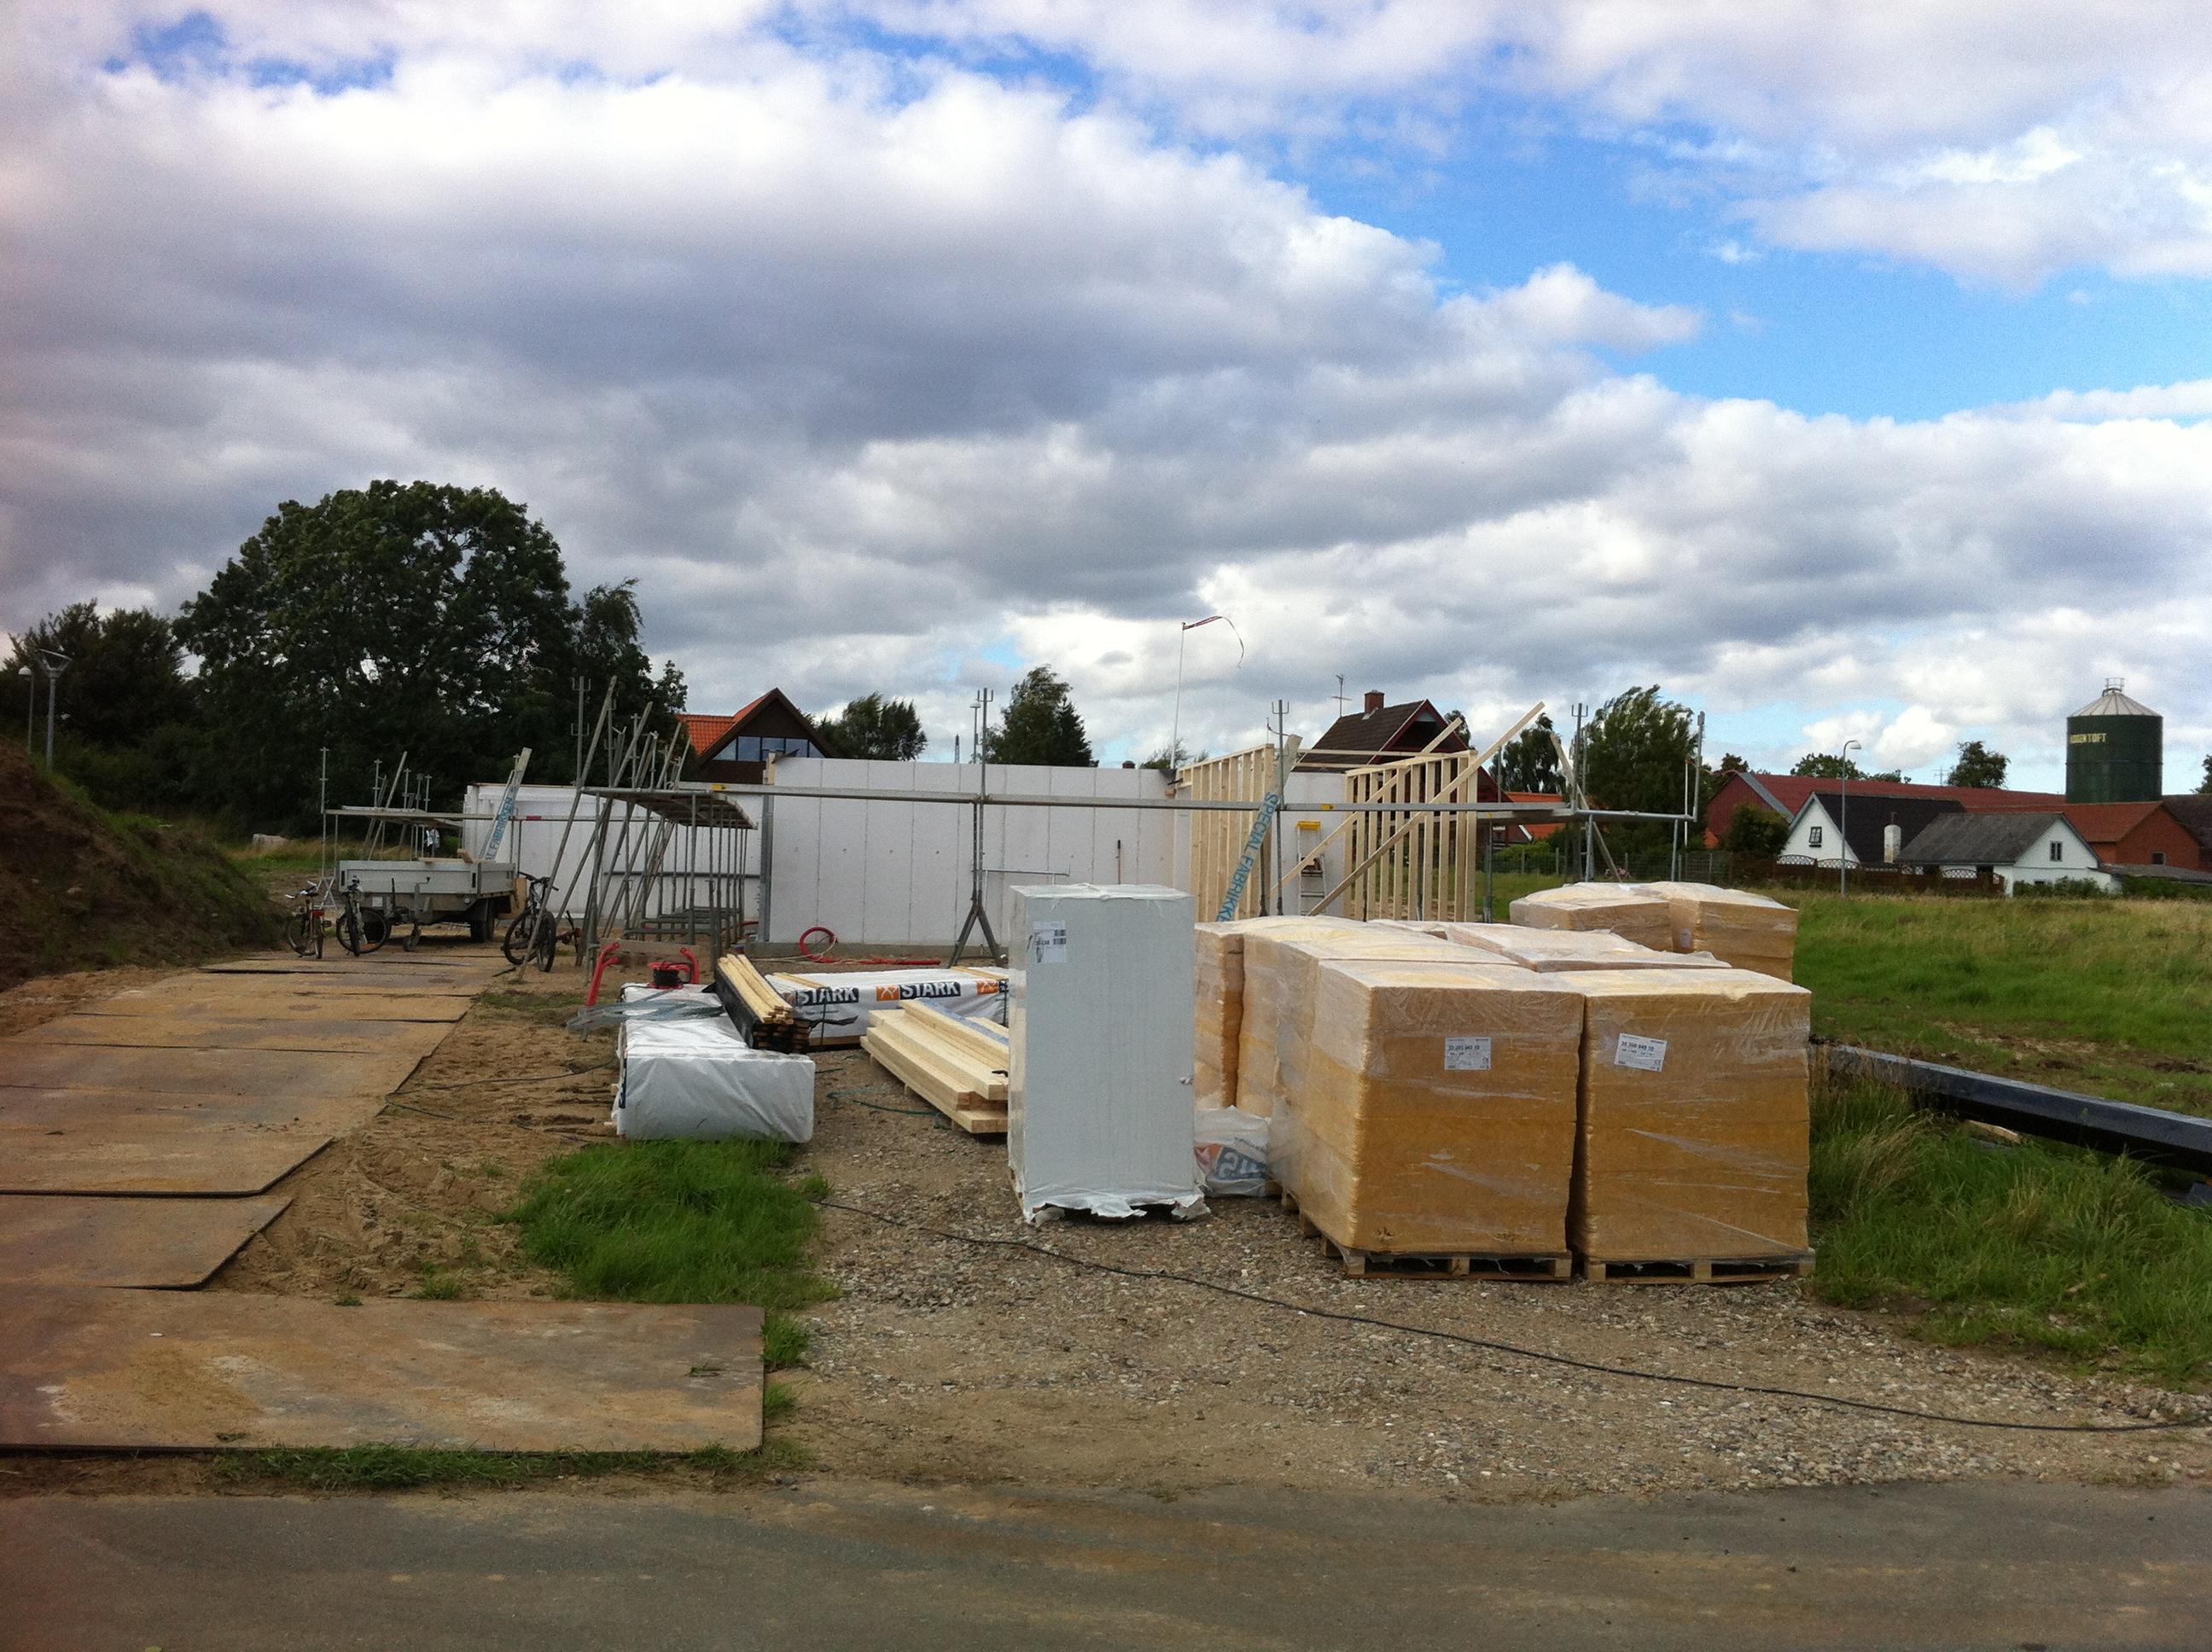 Næste fase er igang (spær, tag og skur) | Thams/Lauridsen's blog